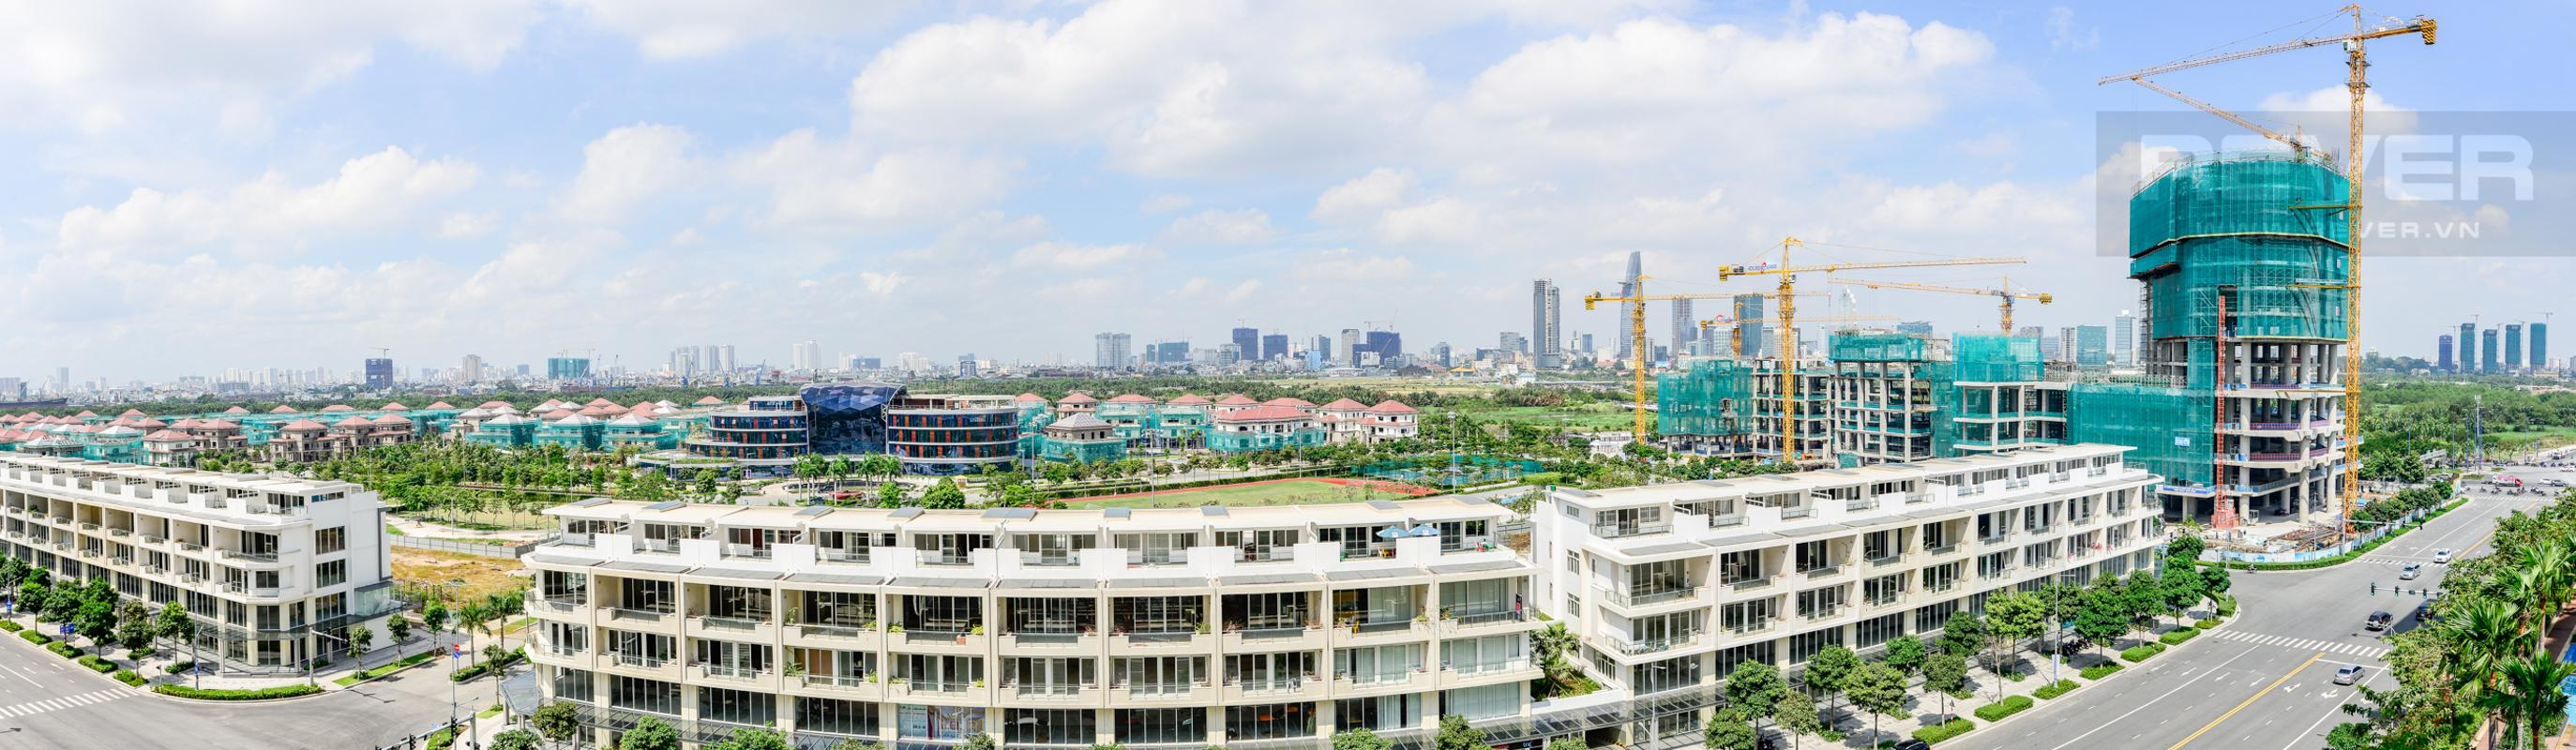 Cảnh quan Sala Đại Quang Minh nhìn từ căn hộ Căn hộ A1 Sarimi hai phòng ngủ, nhìn về trung tâm thành phố